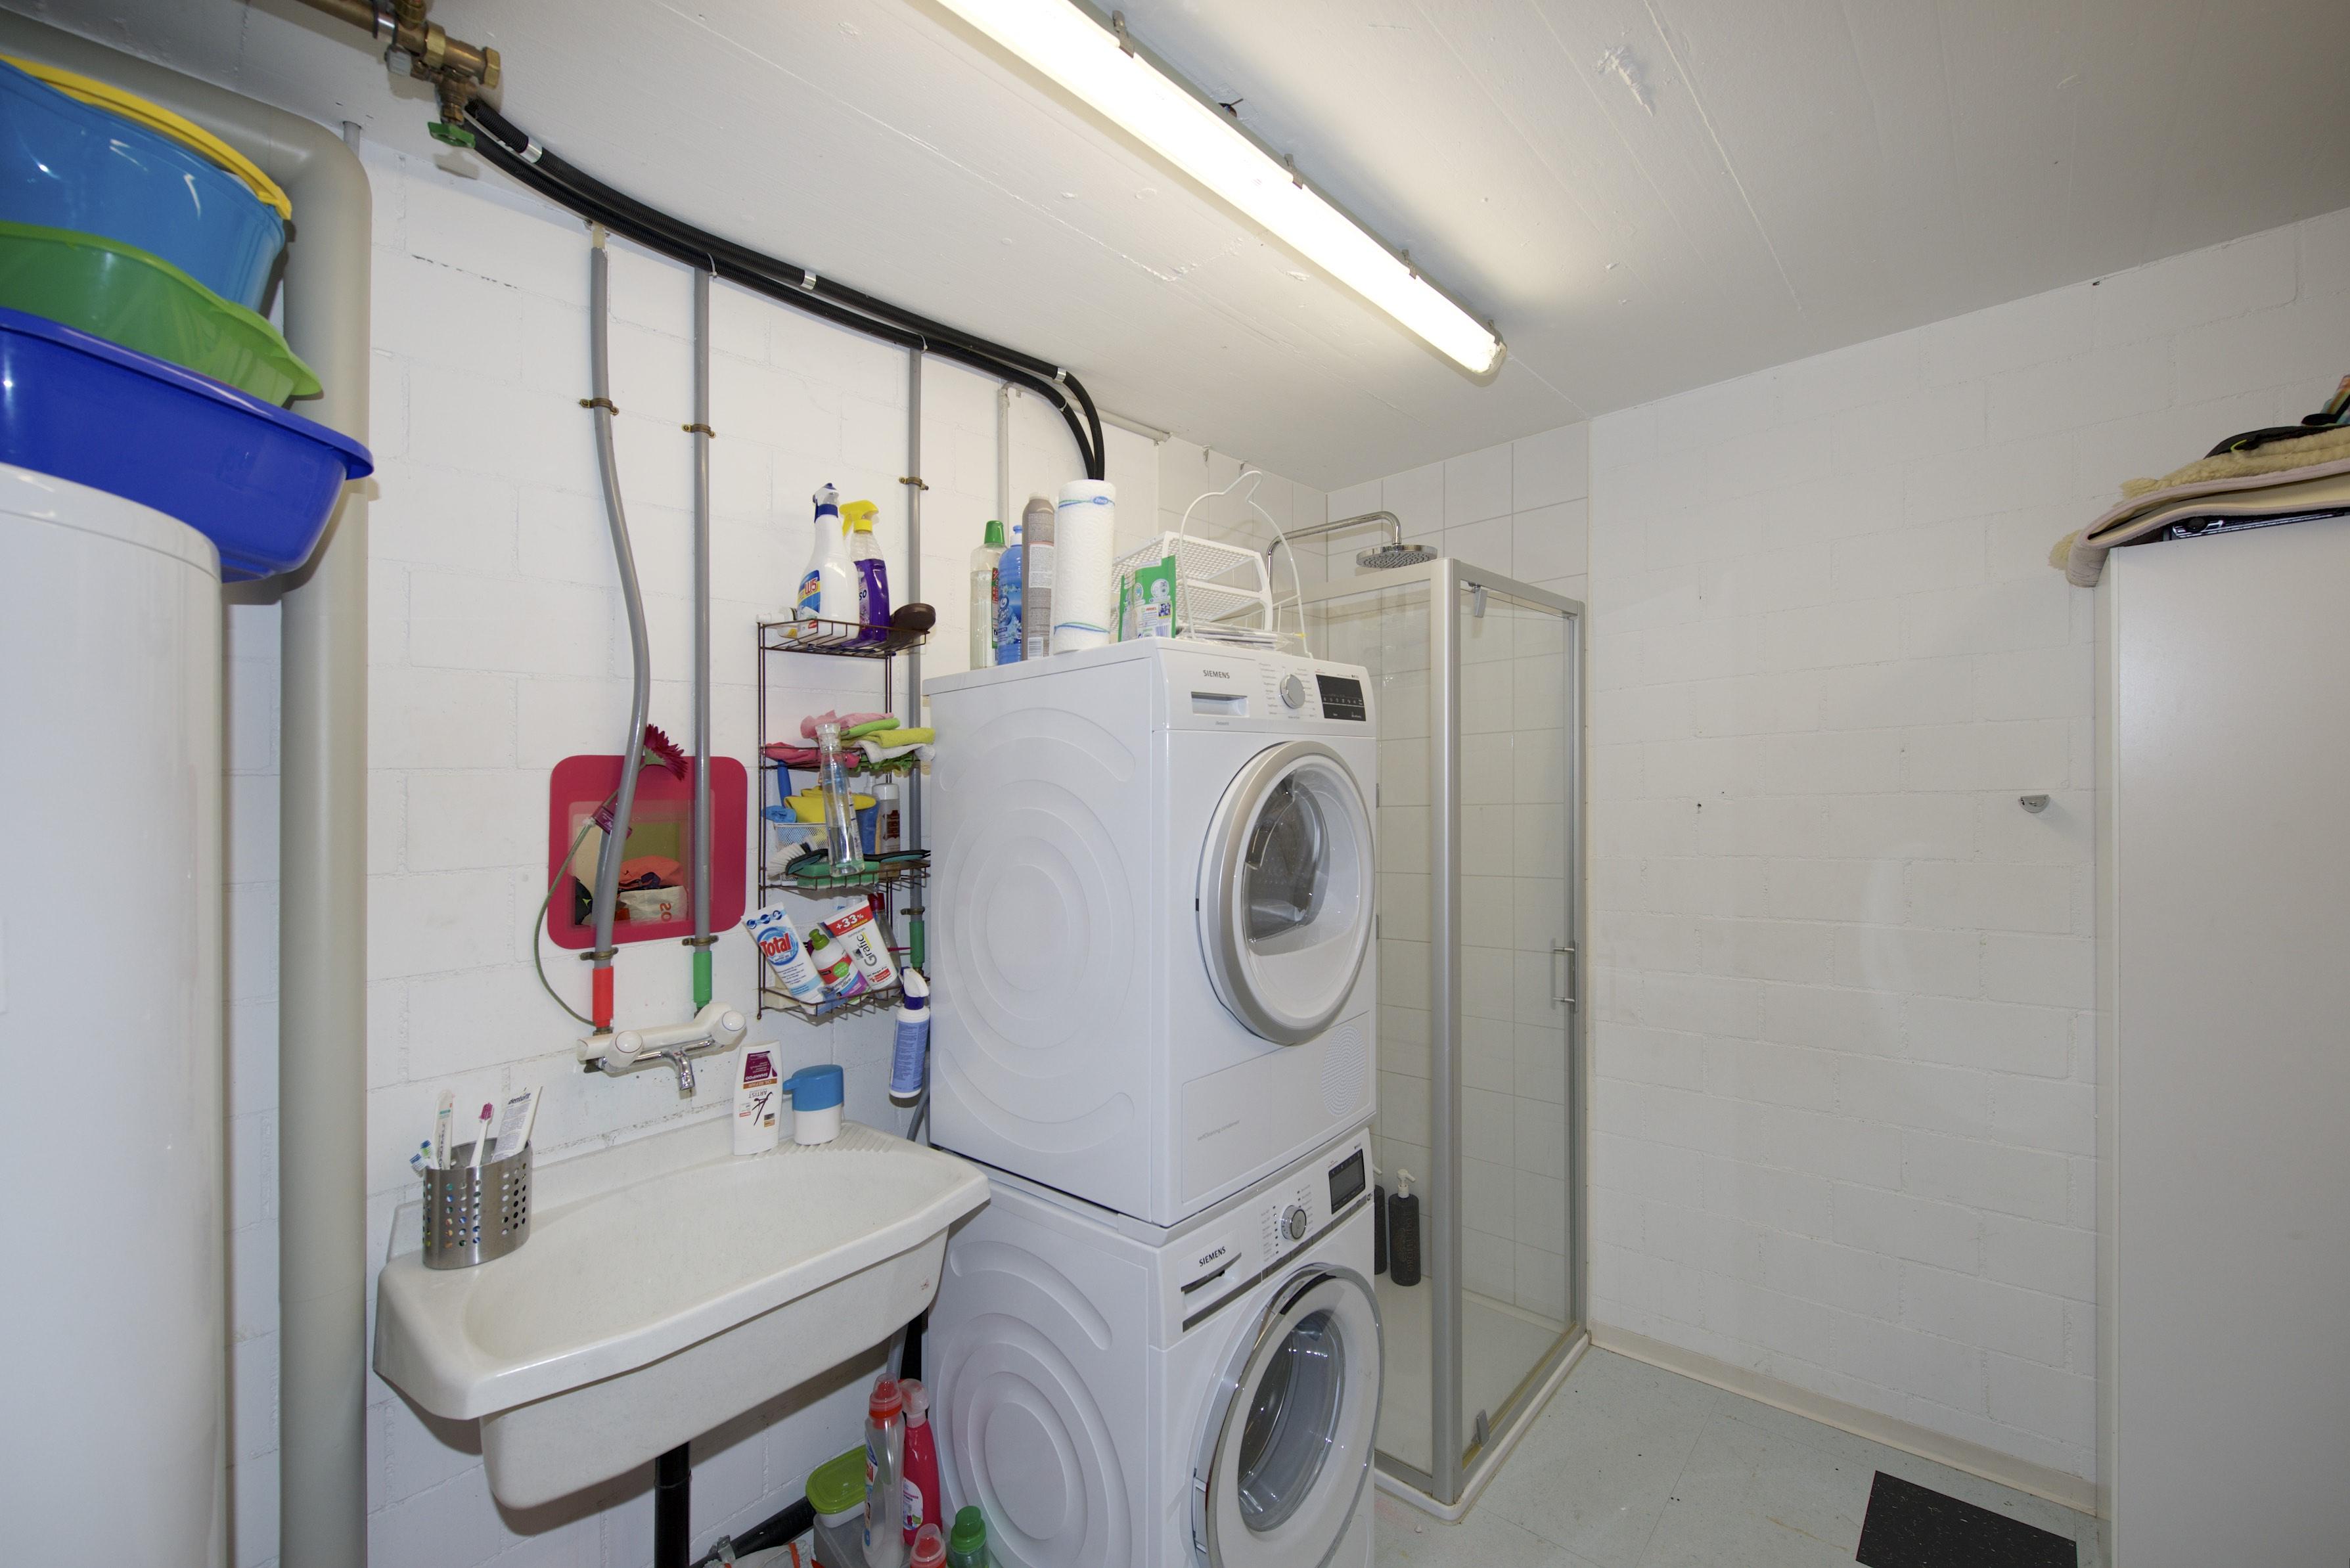 Waschturm mit Dusche